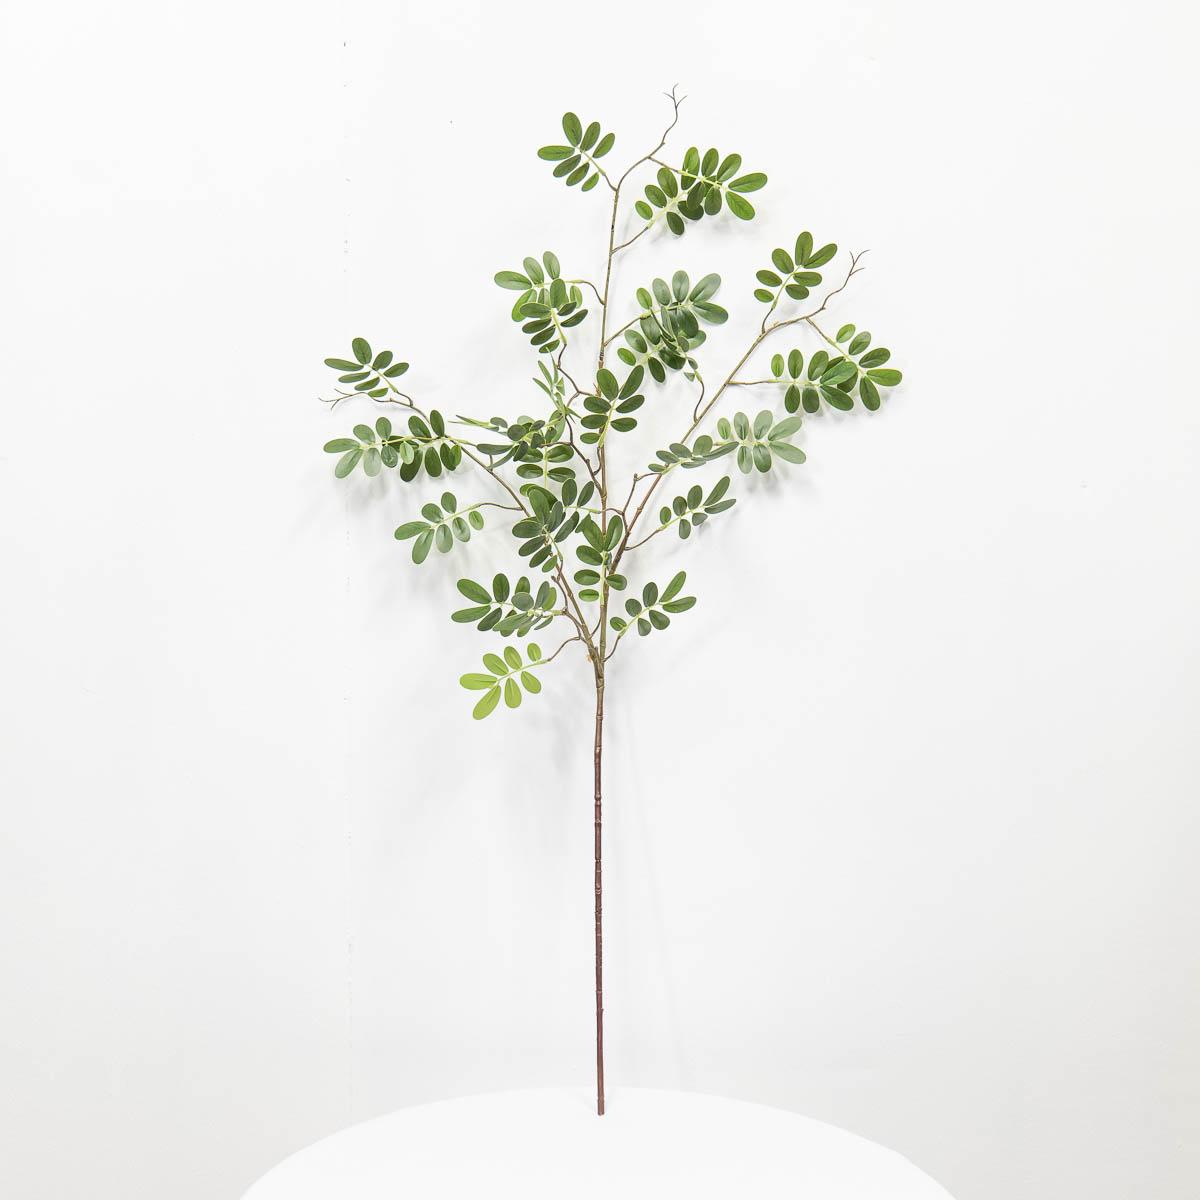 실크플라워 아카시아조화 잎사귀 나무가지 95cm 세워서 찍은사진